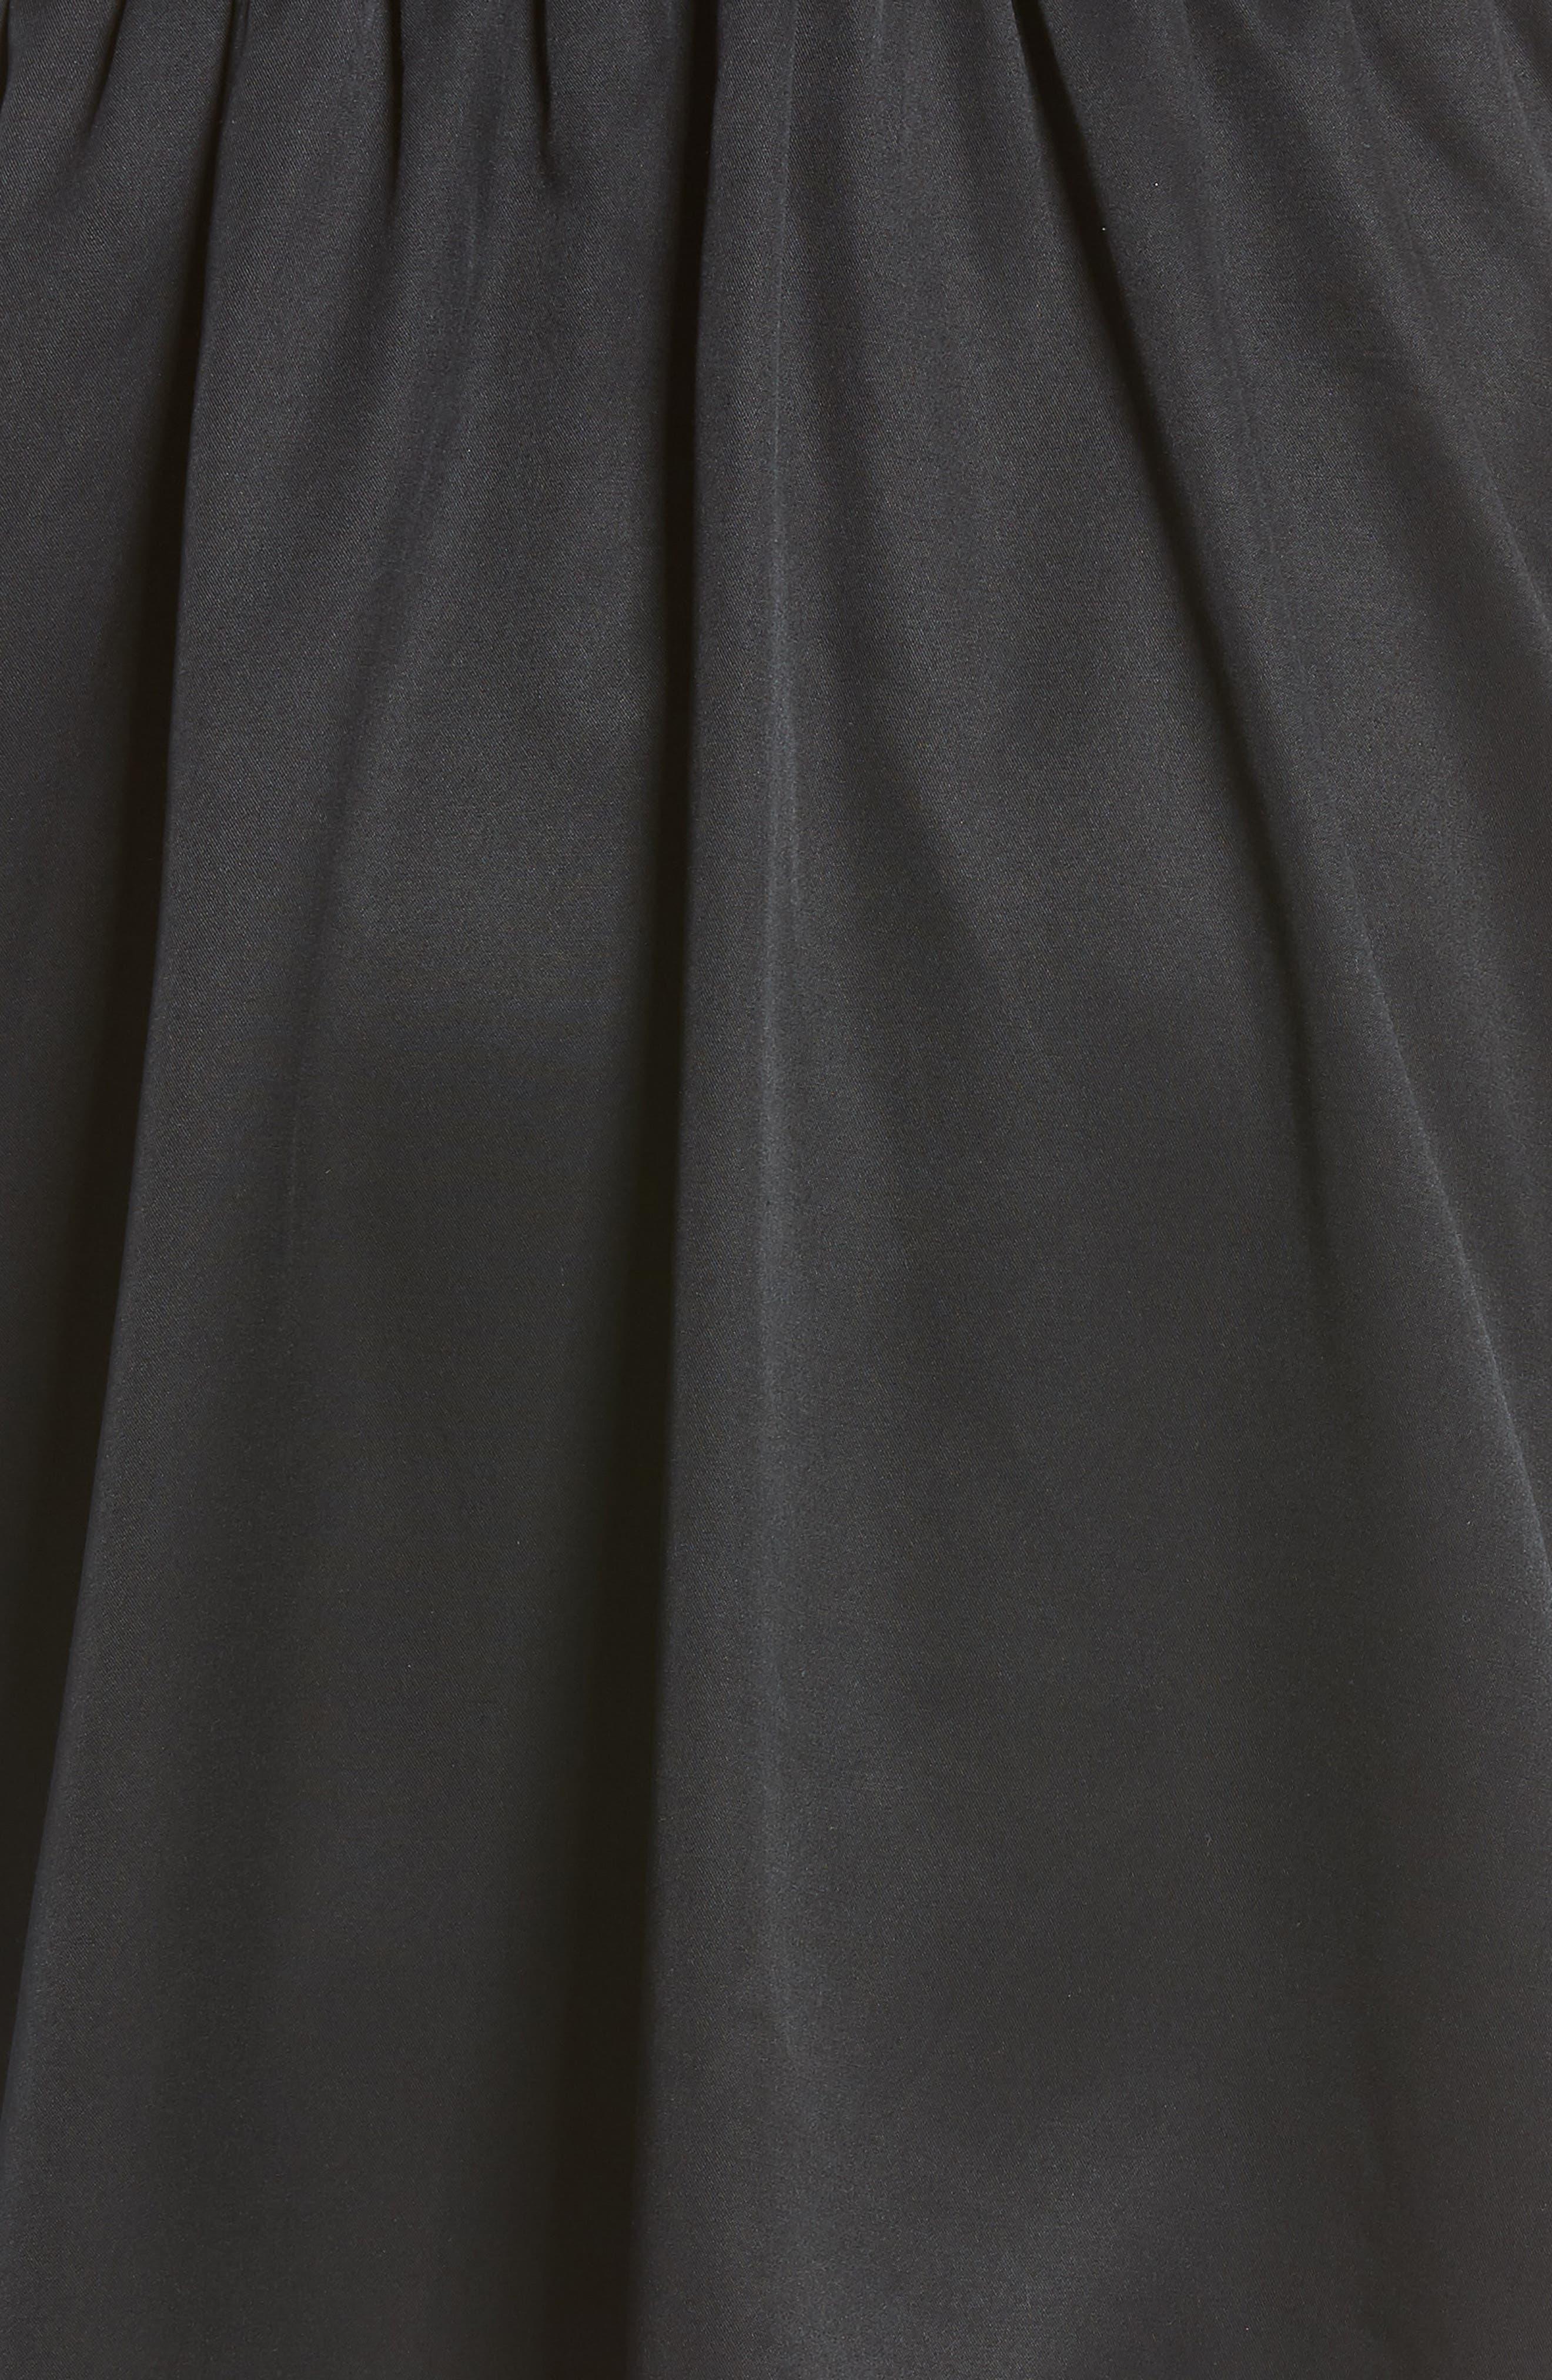 Ruffle Satin Dress,                             Alternate thumbnail 6, color,                             Black